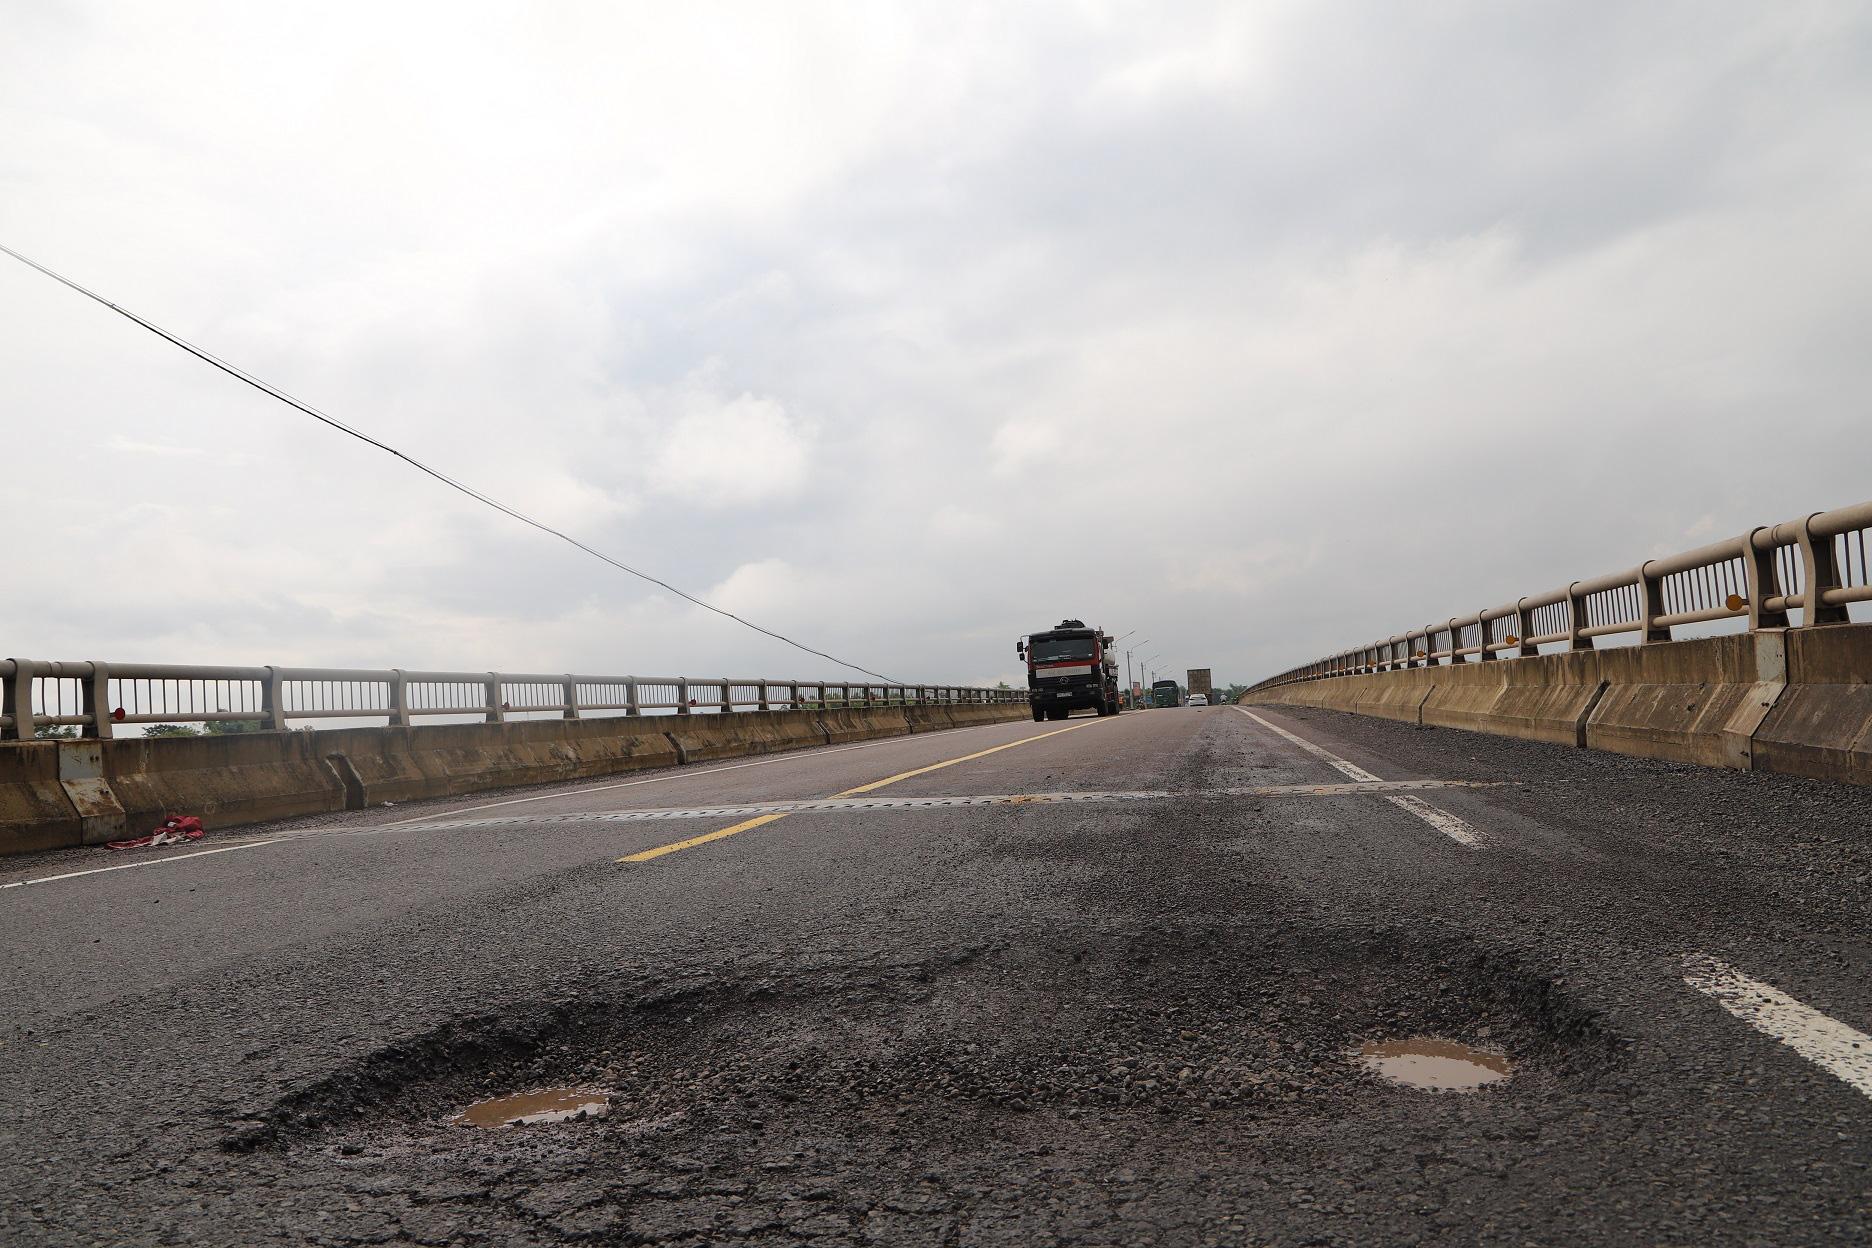 """Quốc lộ 1 ở Bình Định, từng bị gọi là đoạn đường """"xấu nhất Việt Nam""""… xuất hiện """"ổ voi, ổ gà""""  - Ảnh 3."""